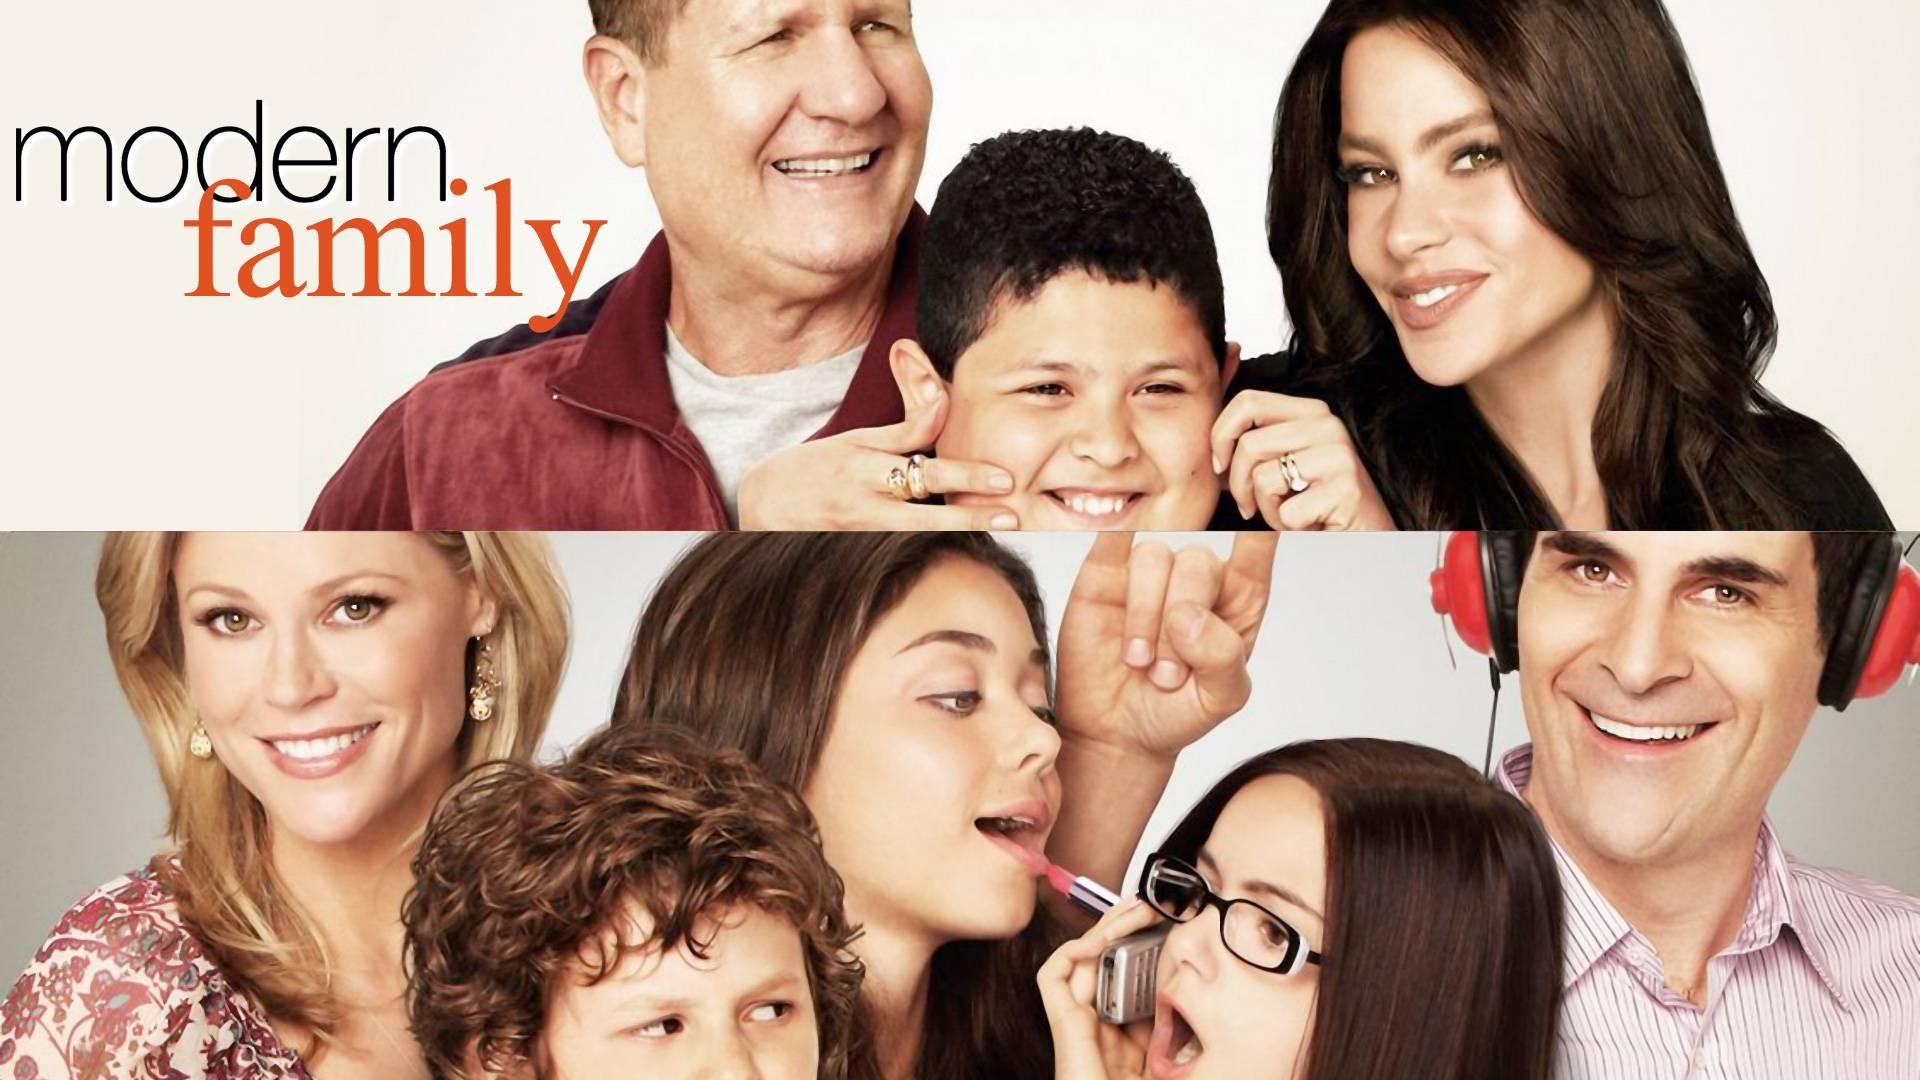 Modern Family   Modern Family Wallpaper 1920x1080